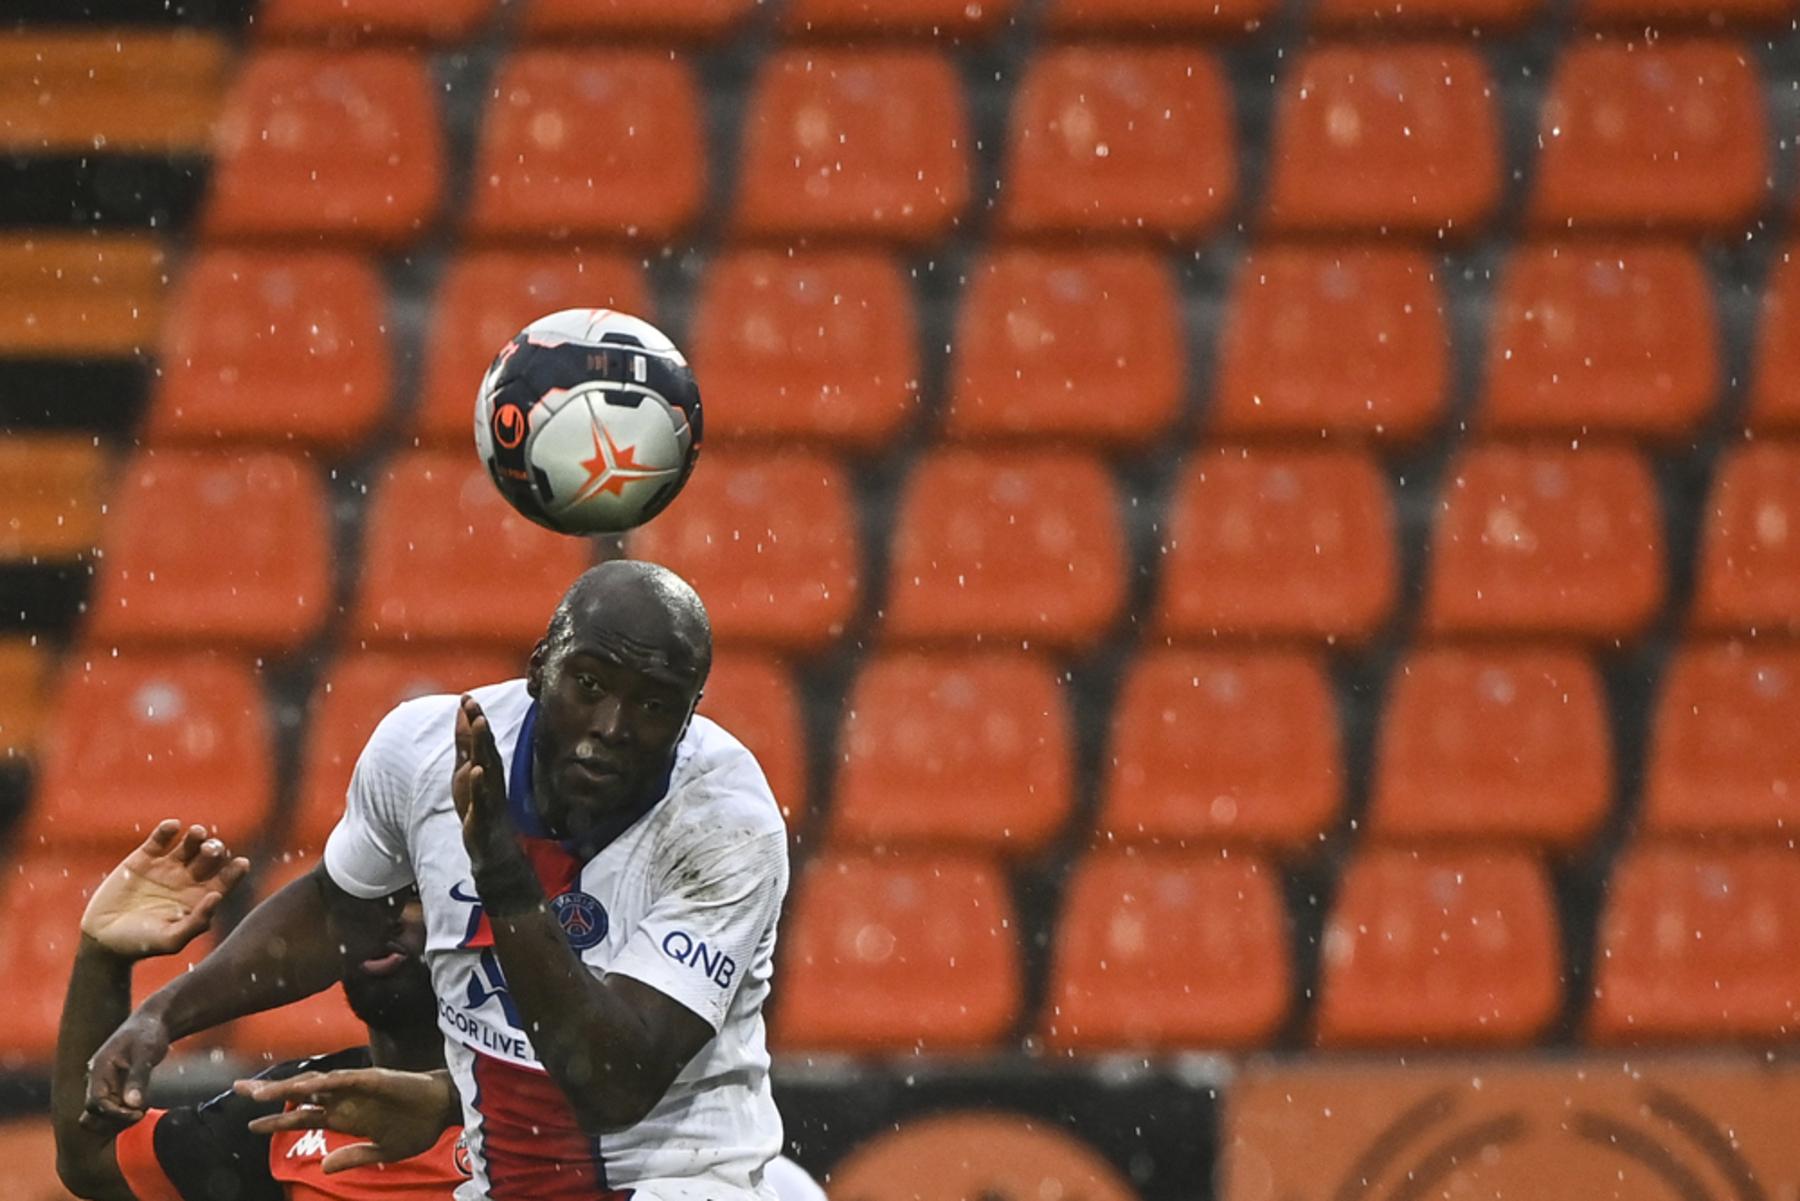 'ฉันคิดว่าเราประเมิน Lorient ไปเล็กน้อย' – Pereira ได้รับรางวัลจากผลการแพ้ 3-2 ของ PSG